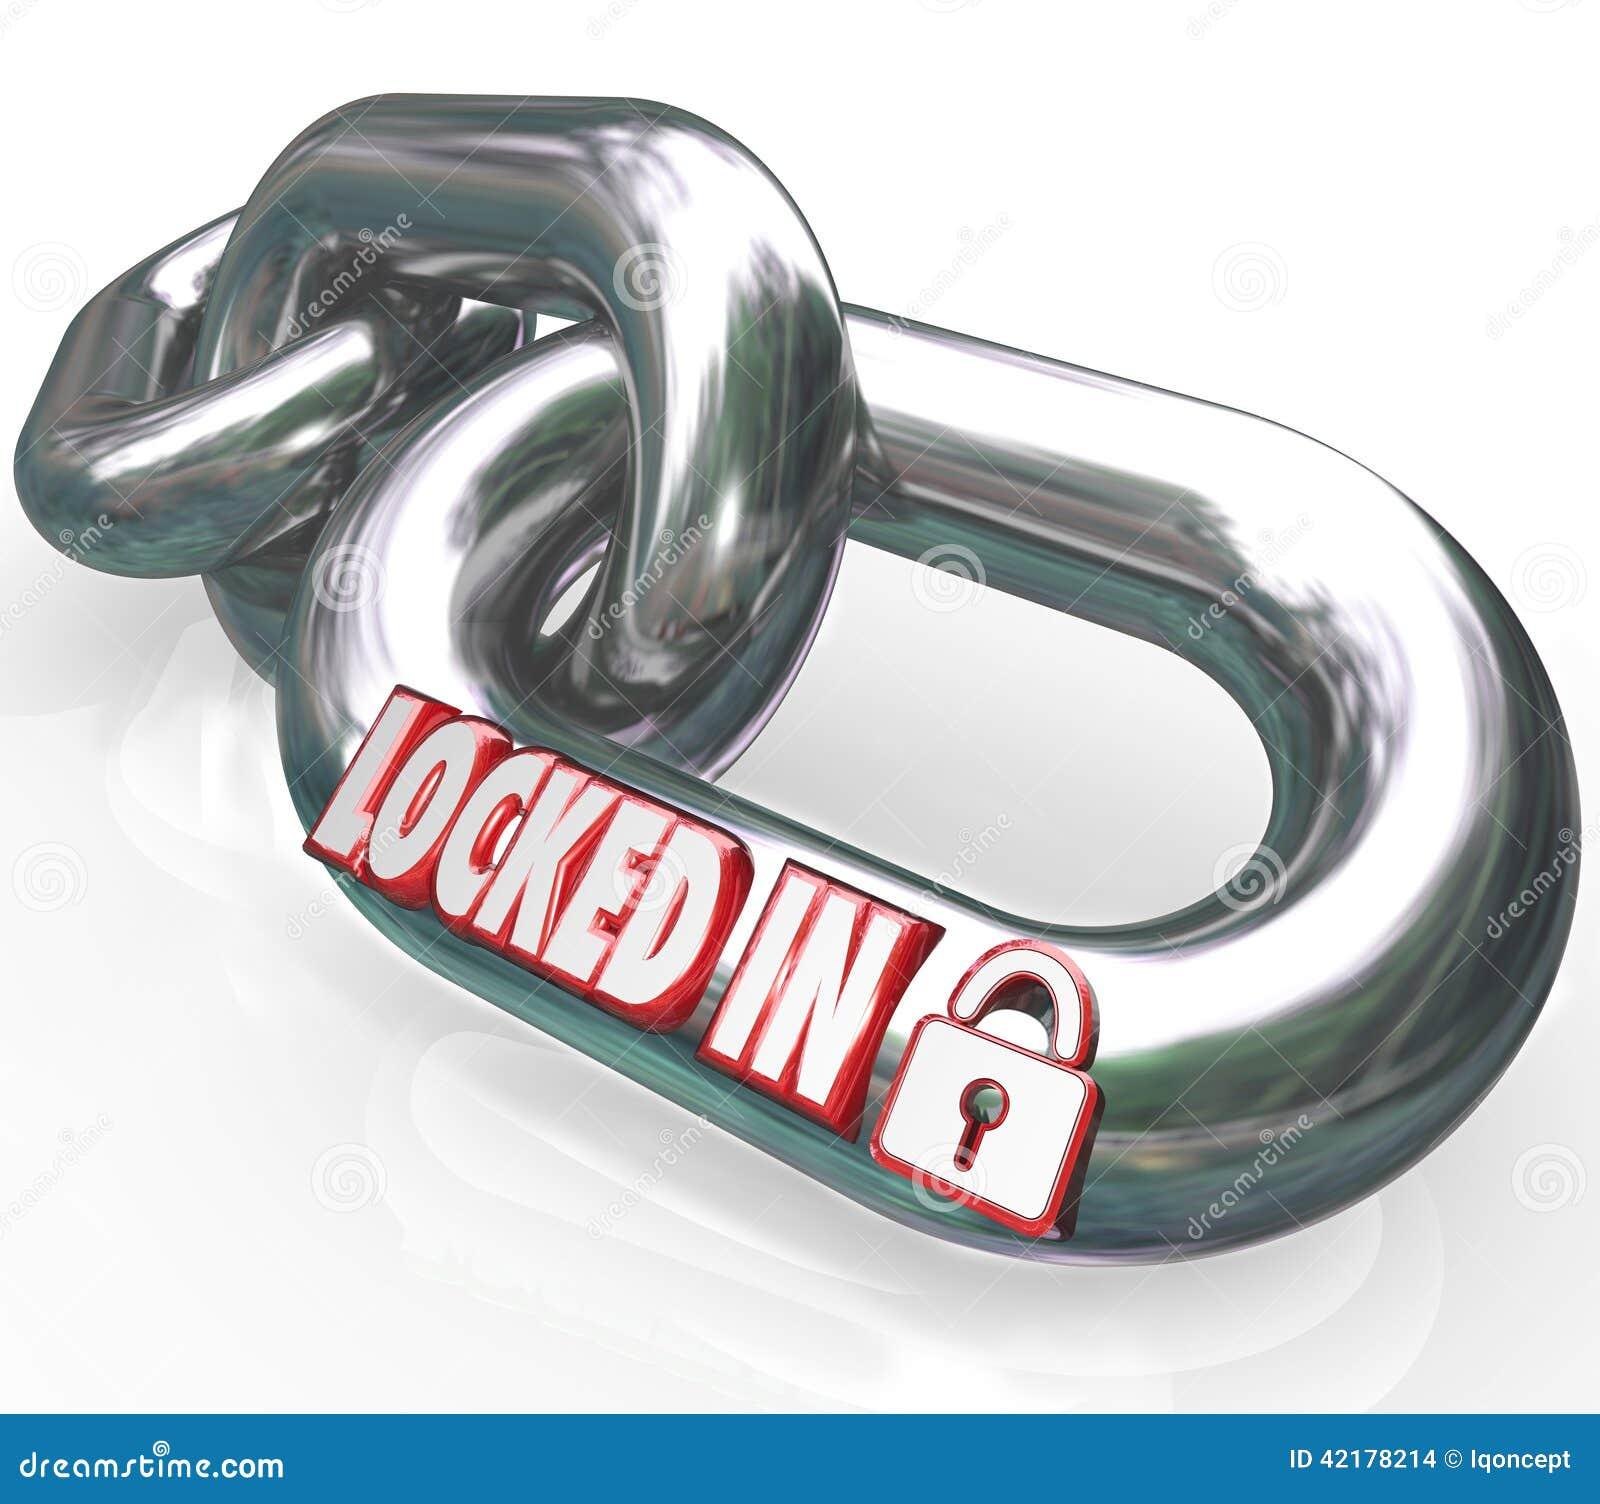 锁在词链节承诺契约责任